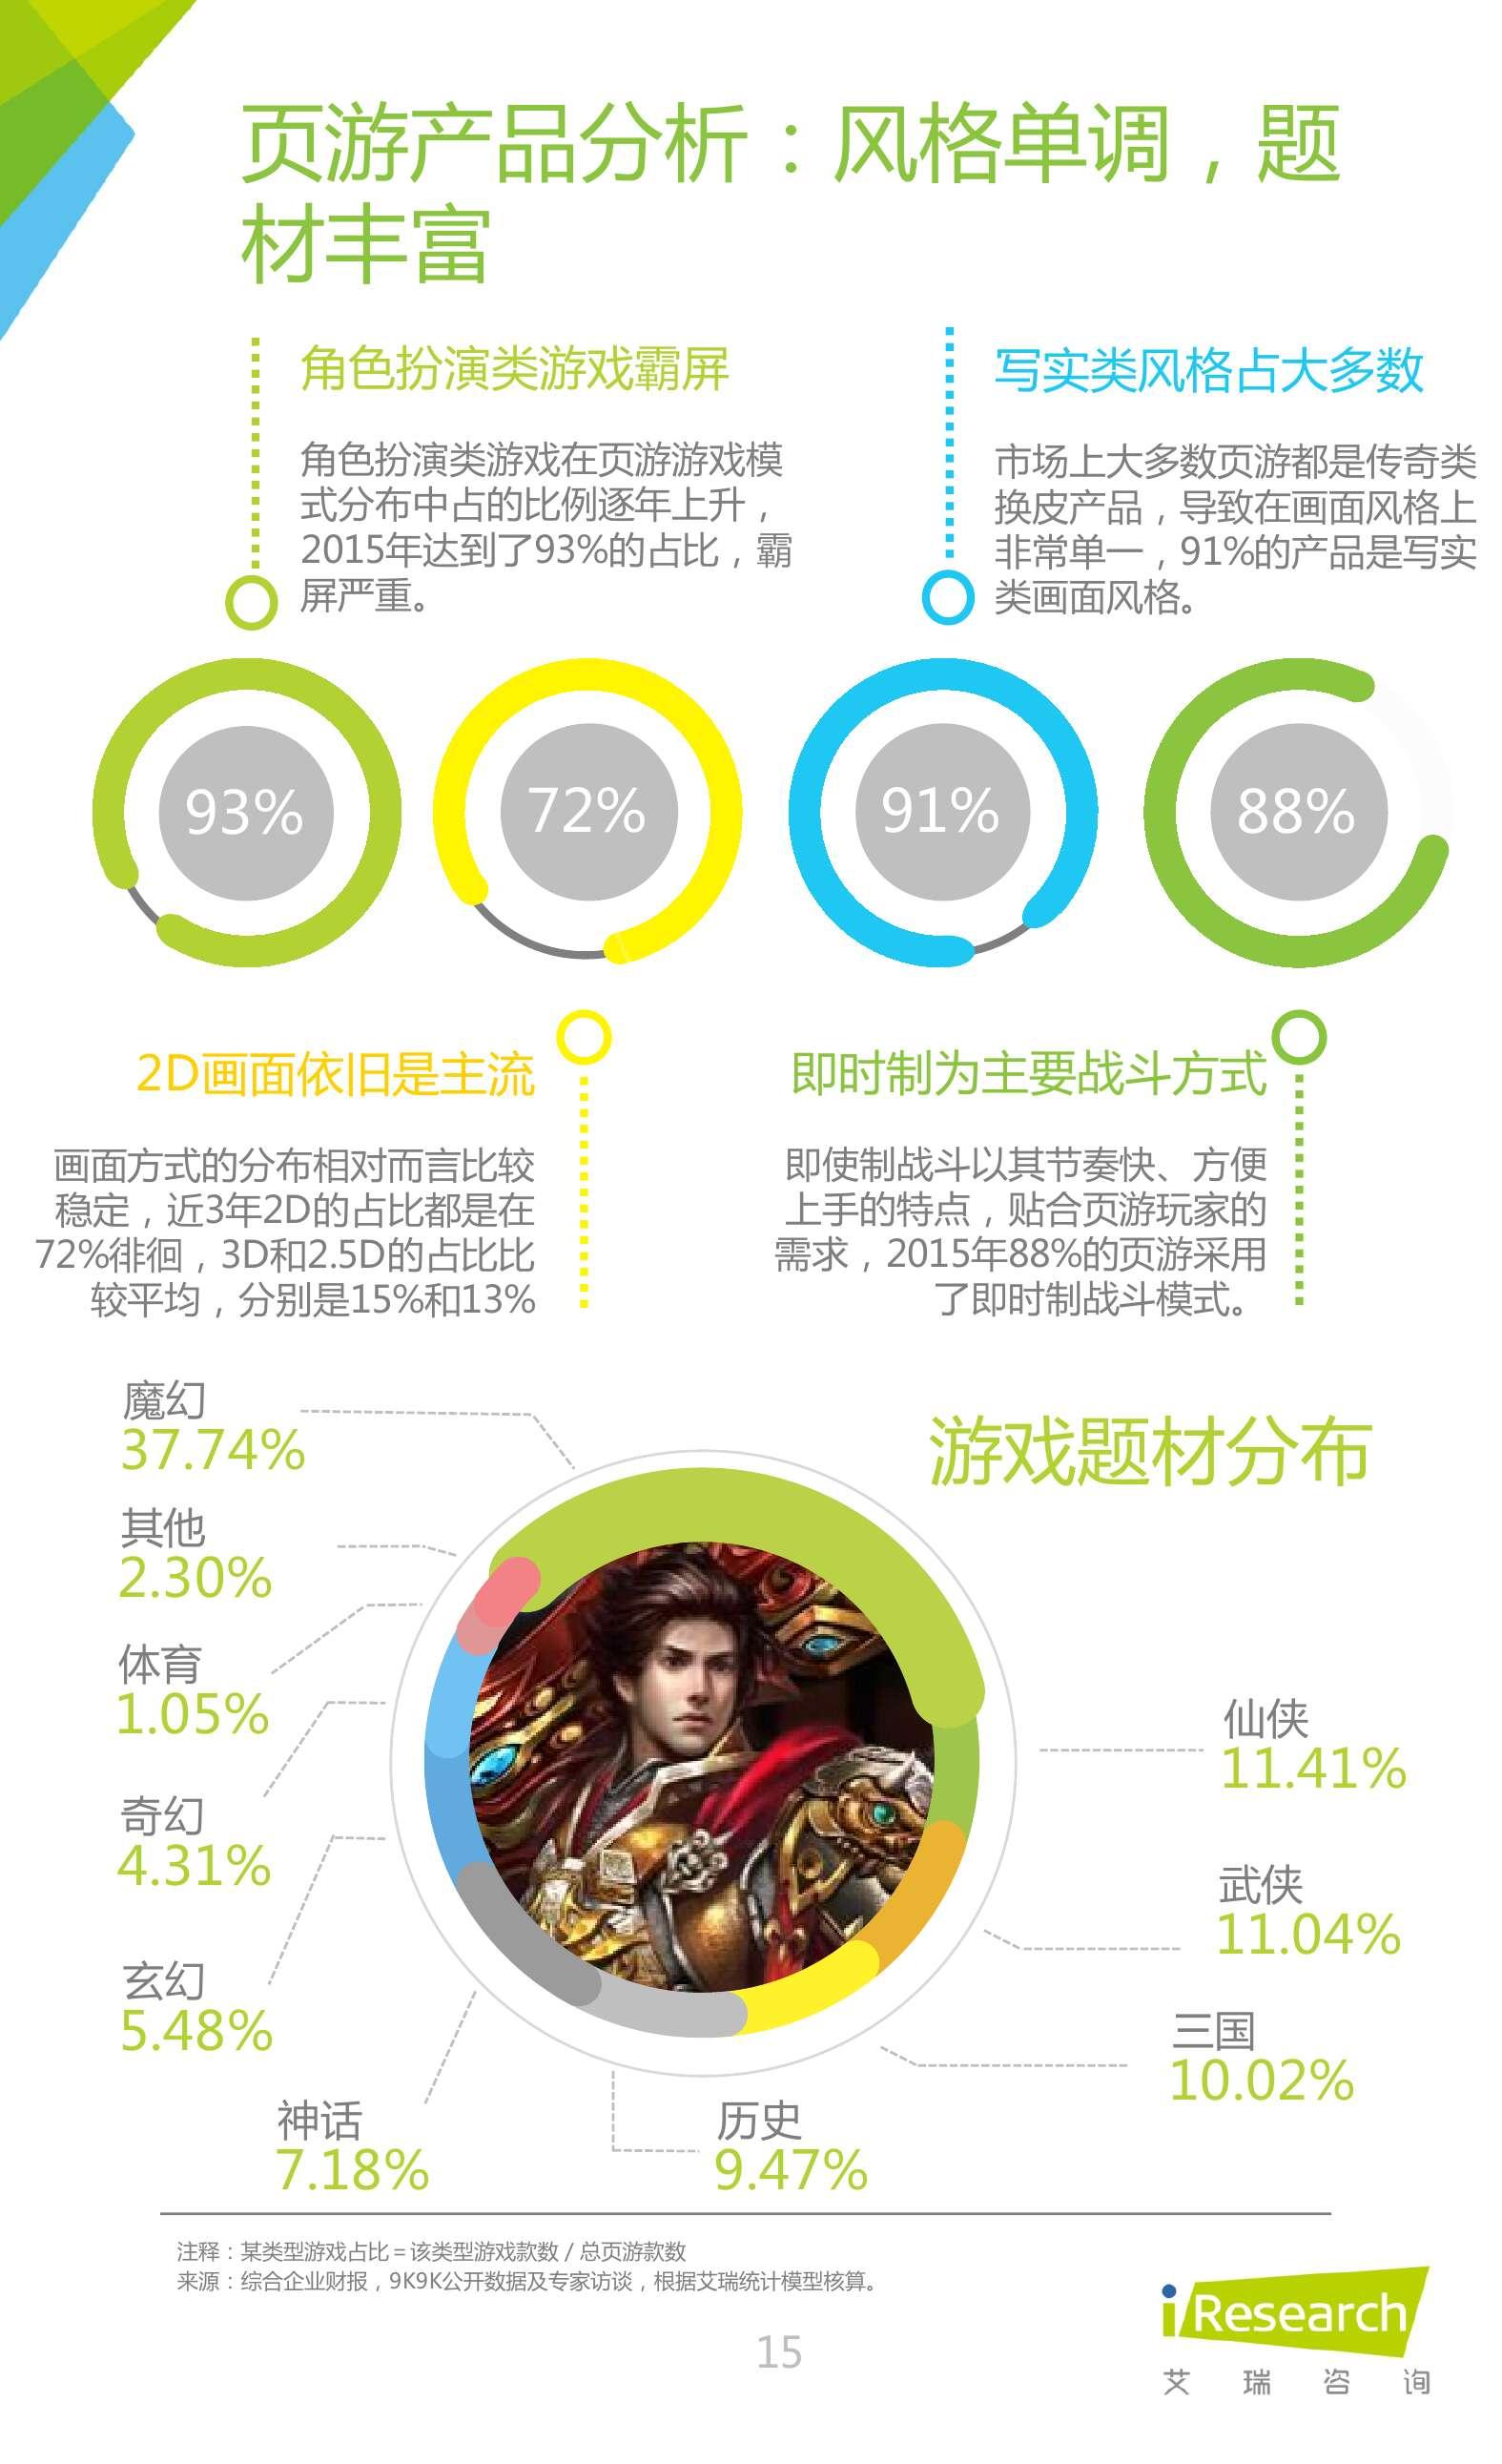 2016年中国网页游戏行业研究报告_000015